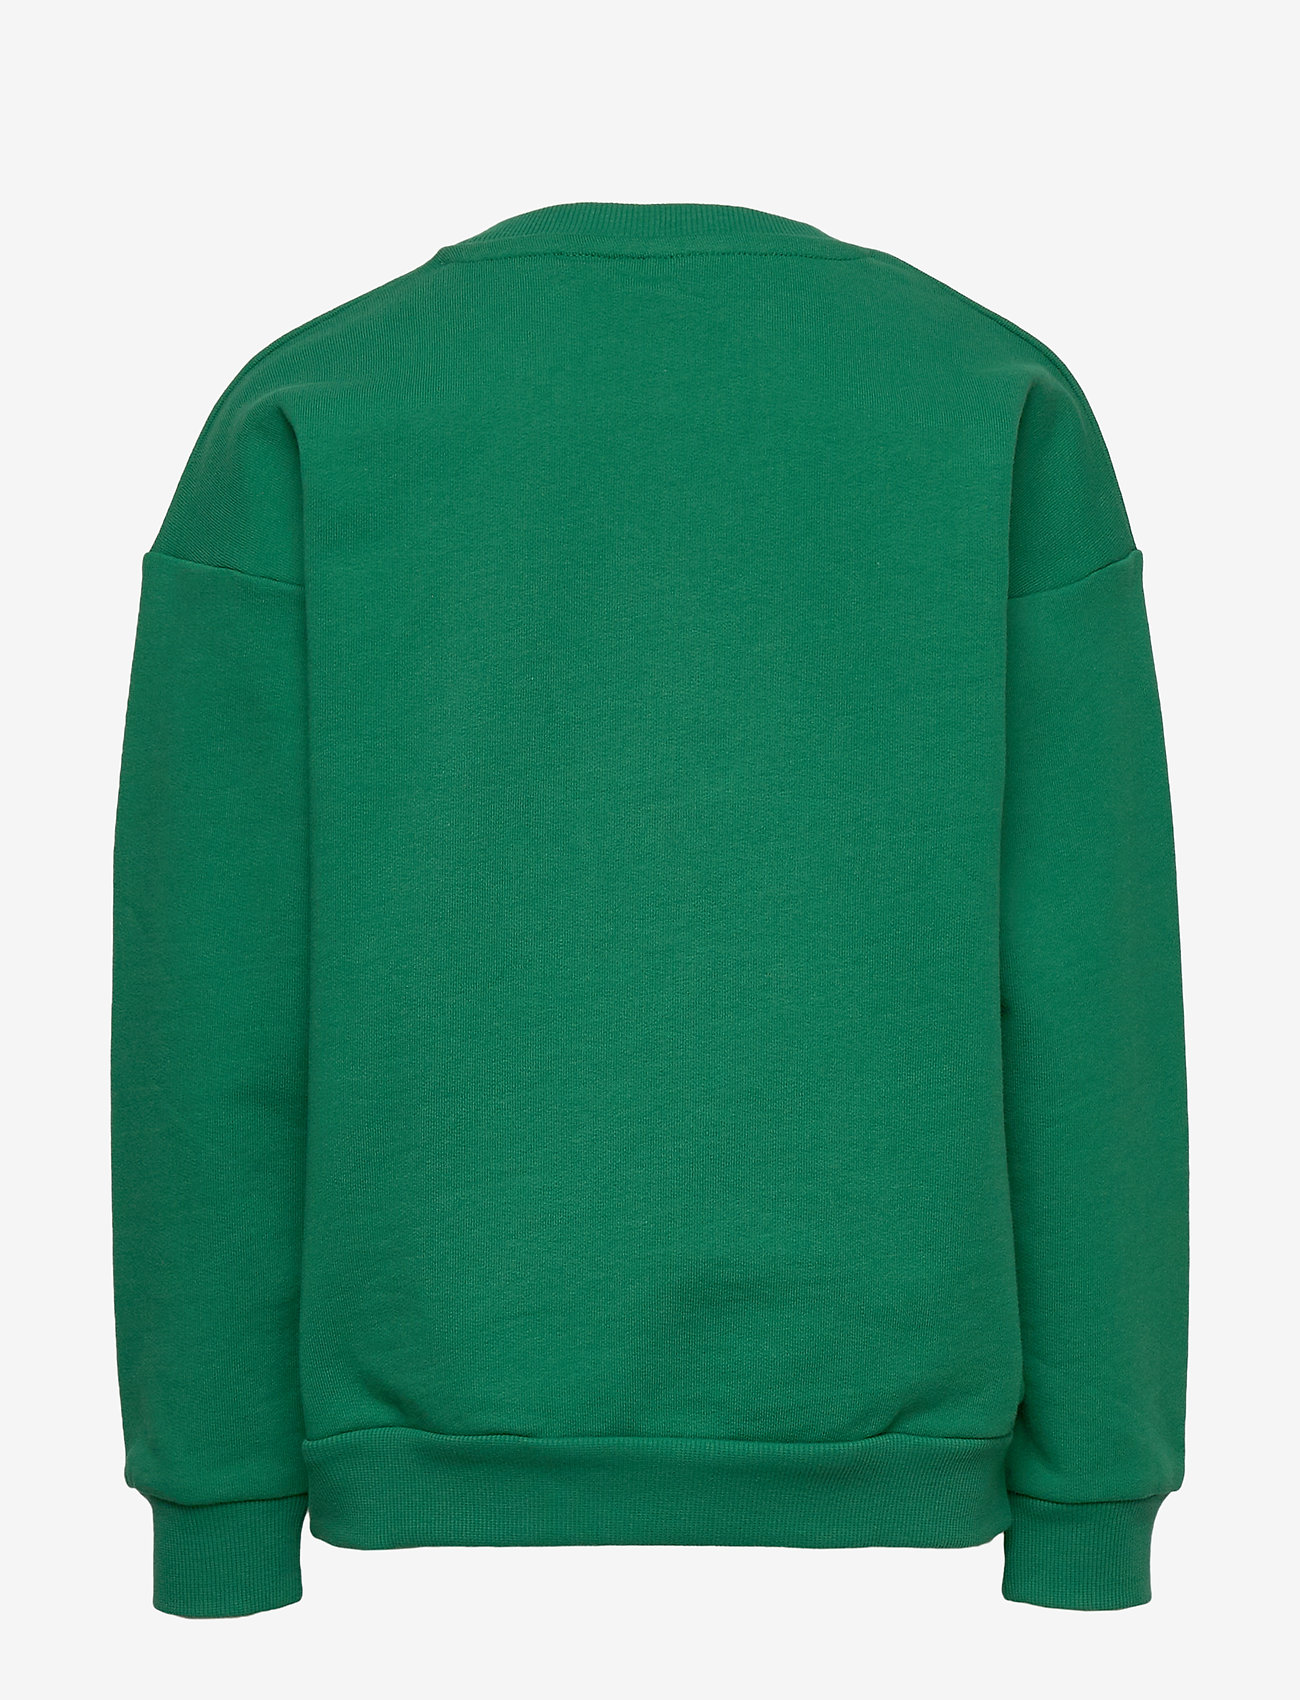 Mini Rodini - Badge SP sweatshirt - sweatshirts - green - 1